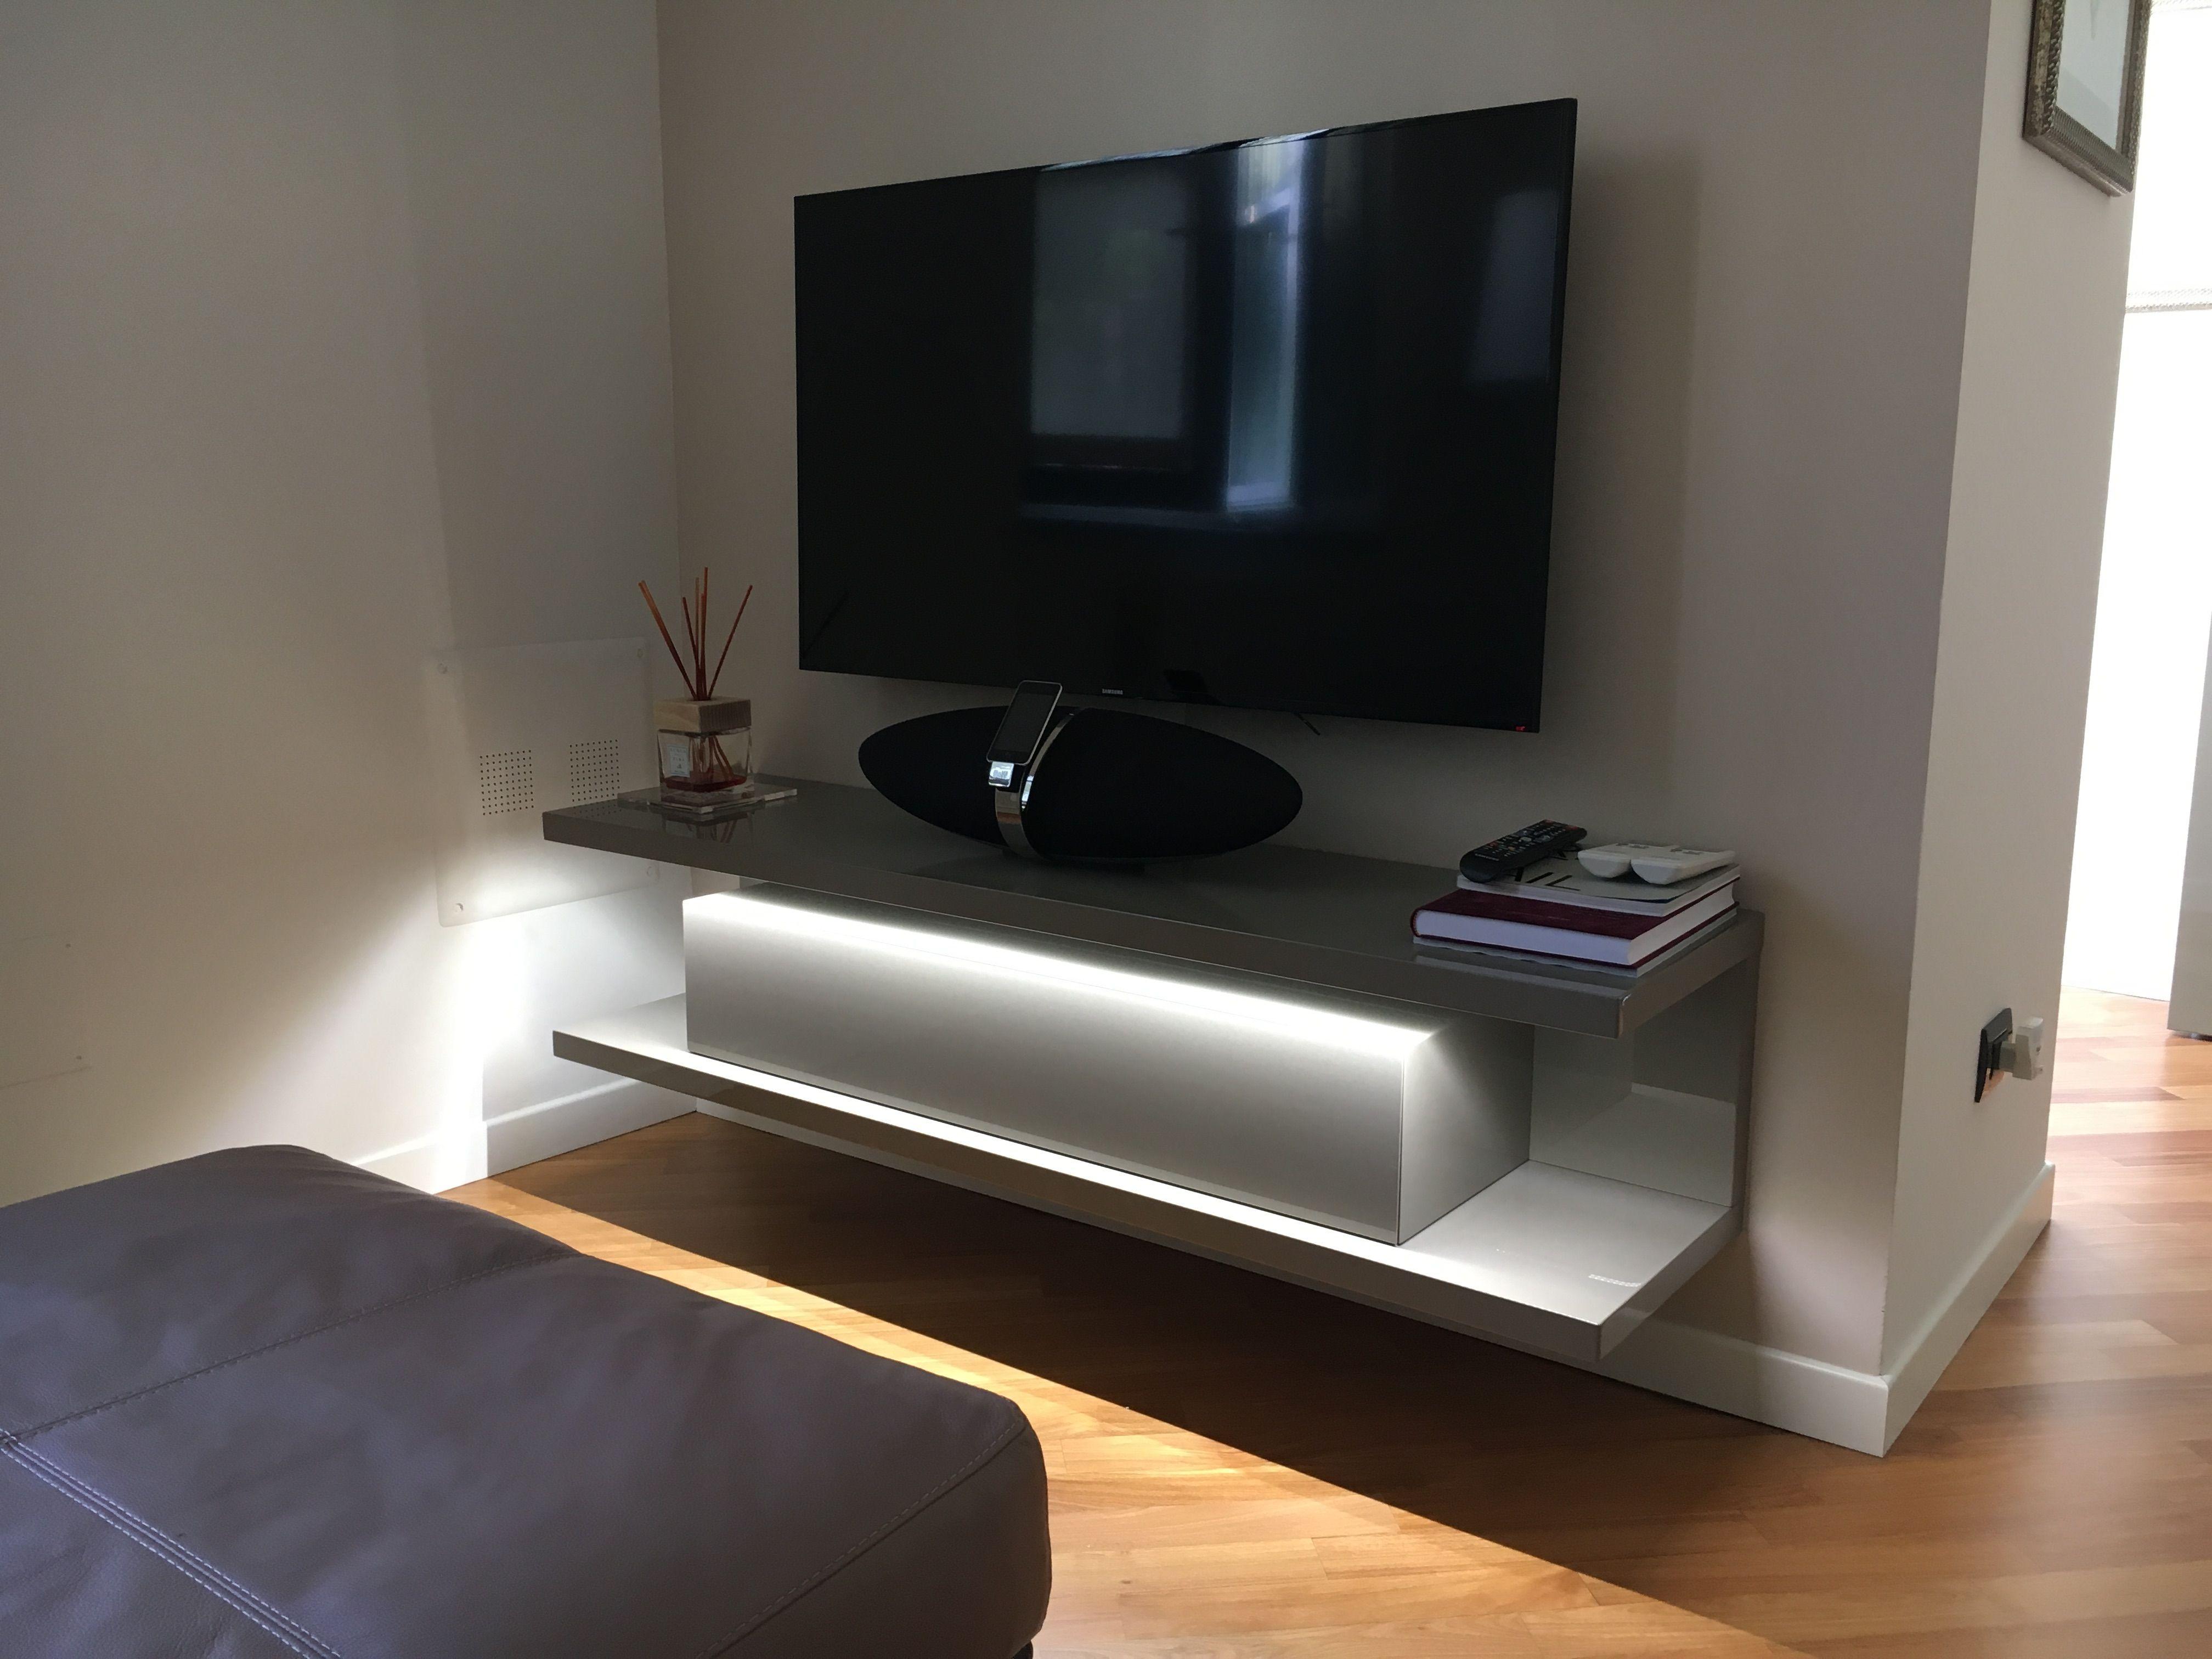 Mobili Rustici Lissone : Mobile tv su misura laccato lucido #interiordesign #dassiginolissone